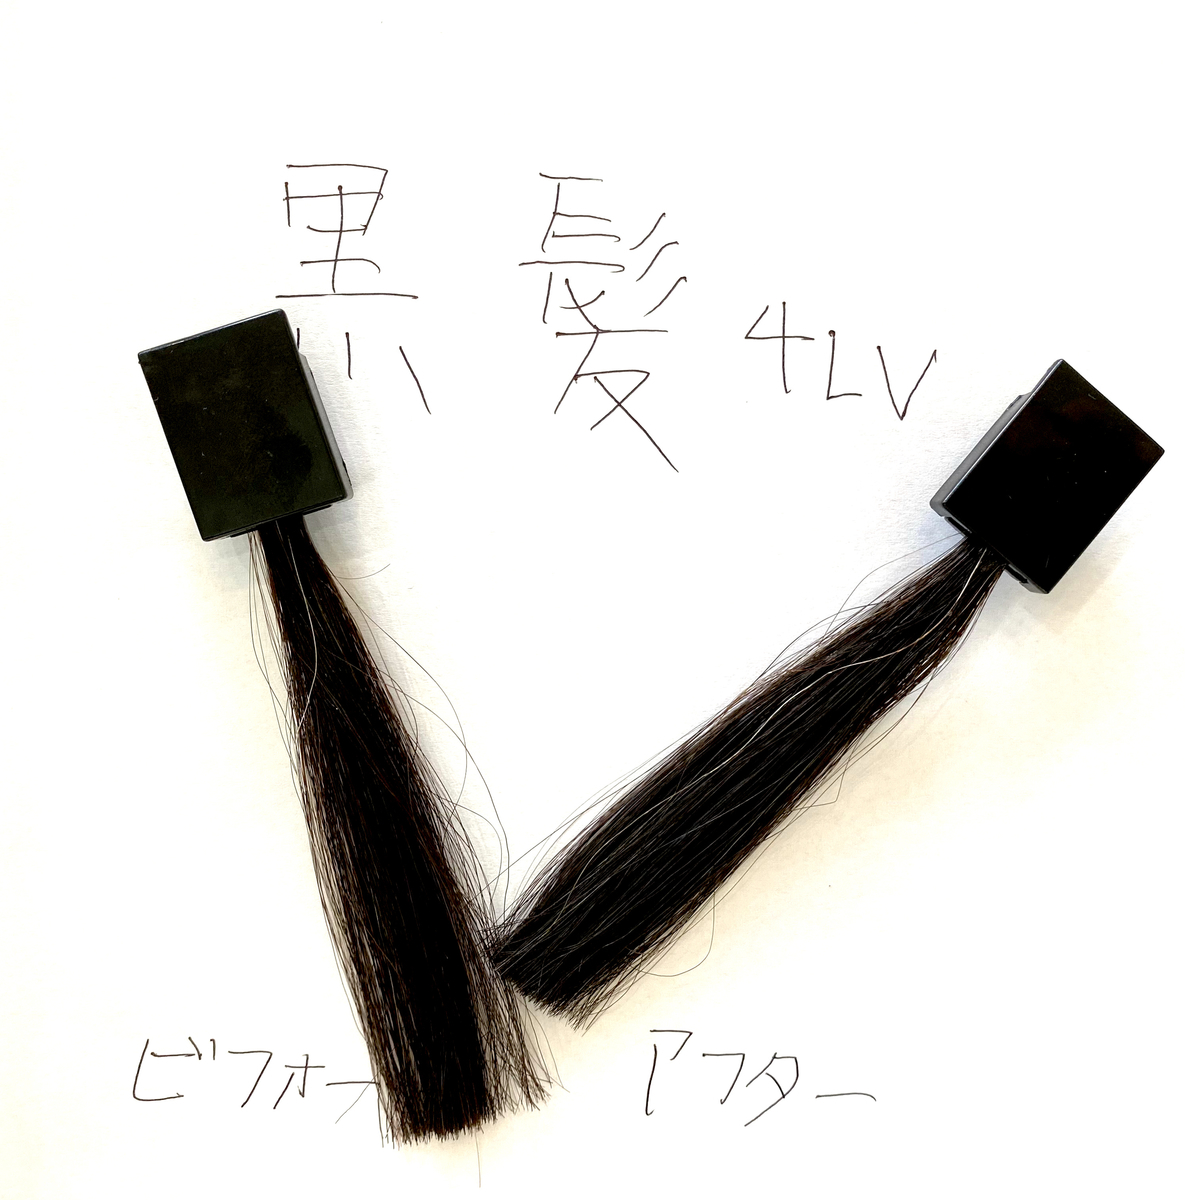 画面左が黒髪で画面右が黒髪に925シルバーで染めた毛束